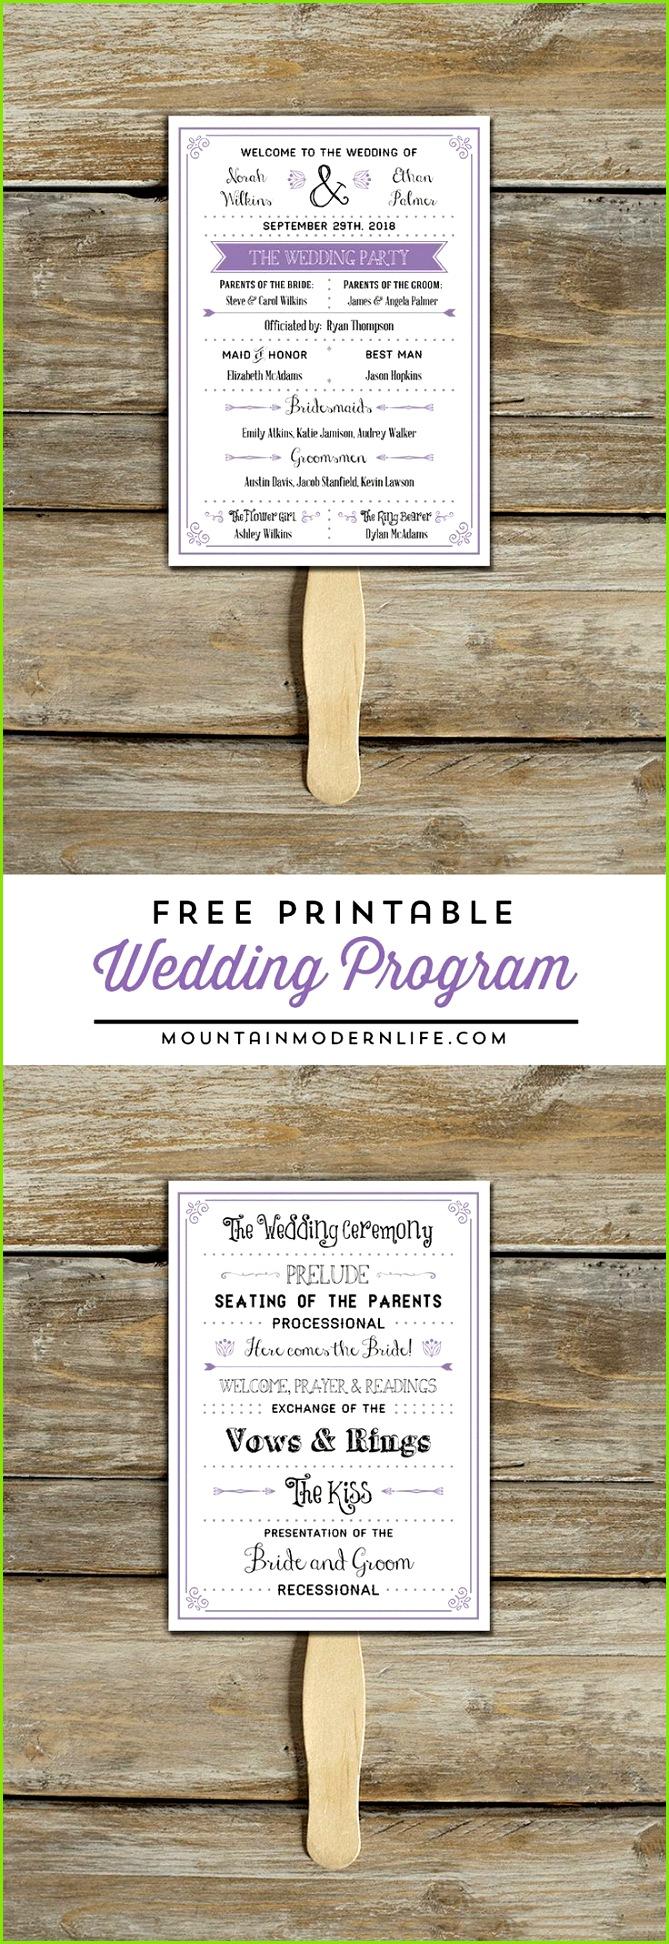 FREE Printable Wedding Program SilberhochzeitKostenlose Druckbare